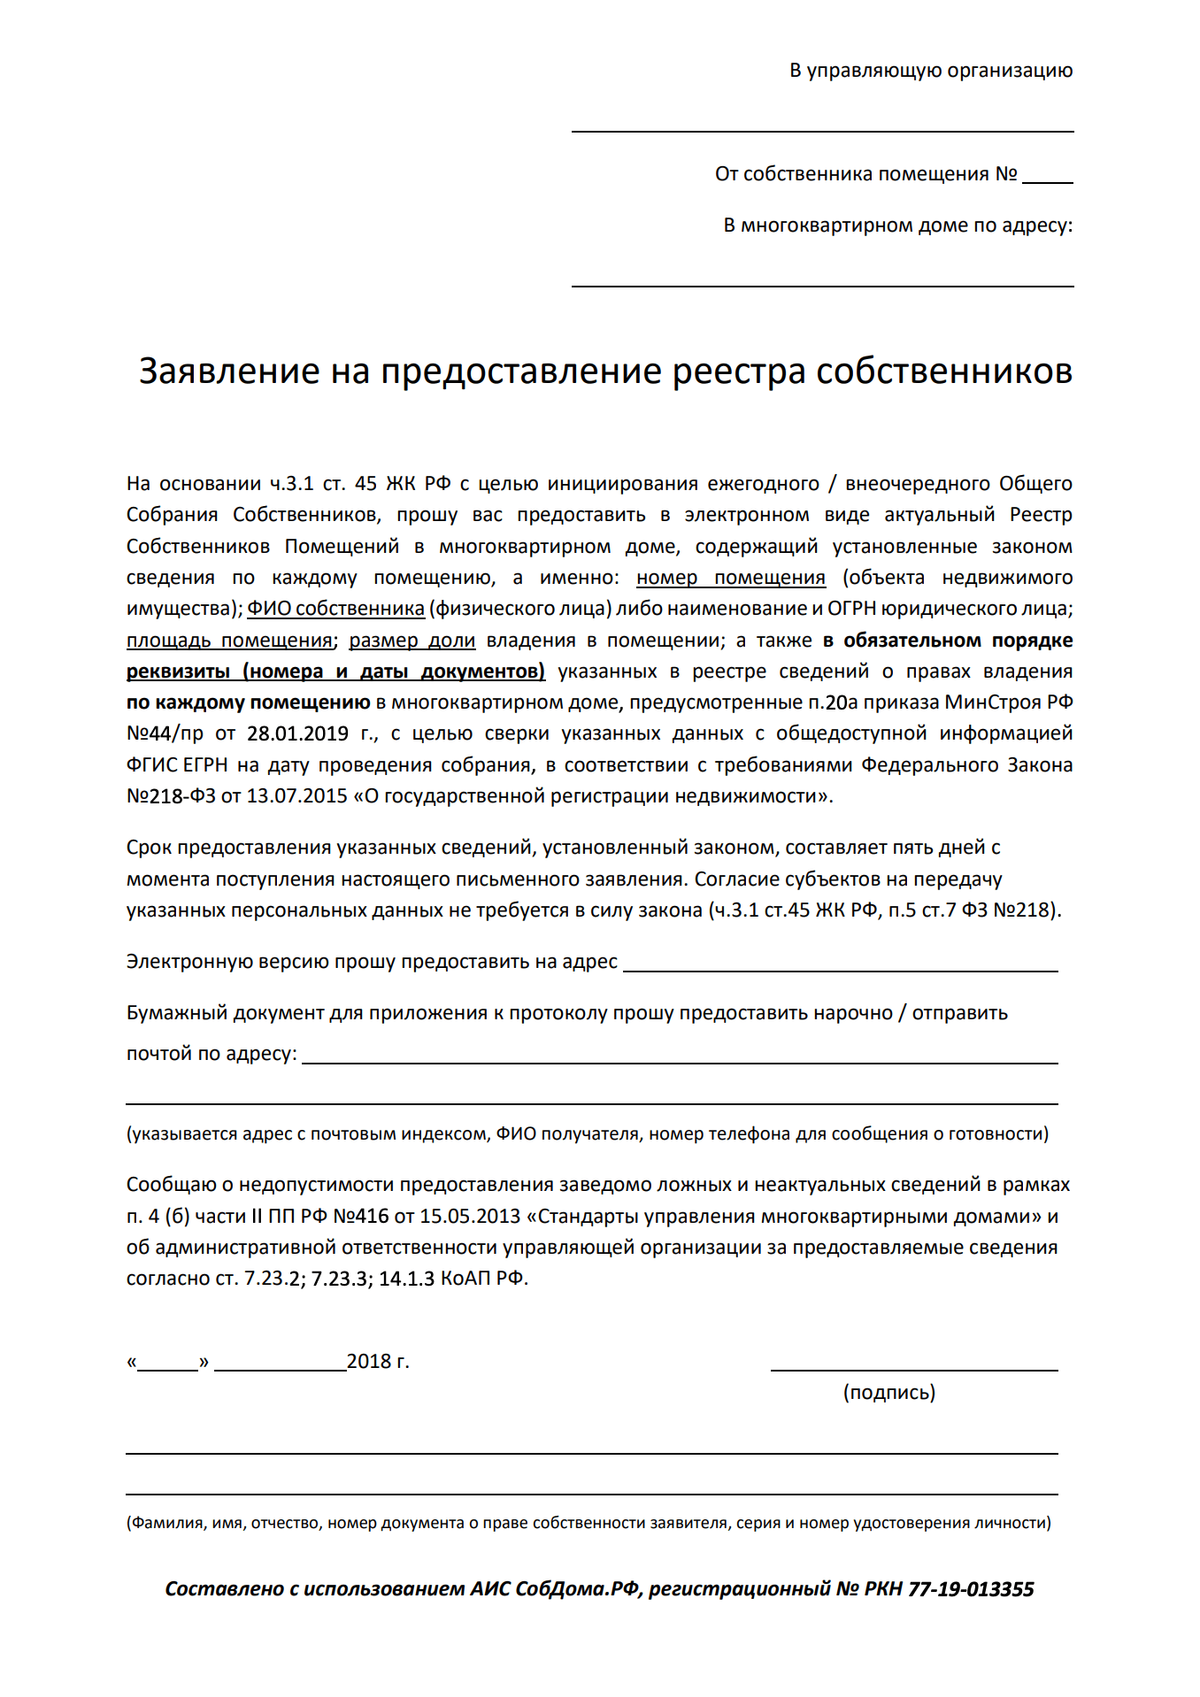 Образец заявления в УК на предоставление реестра собственников